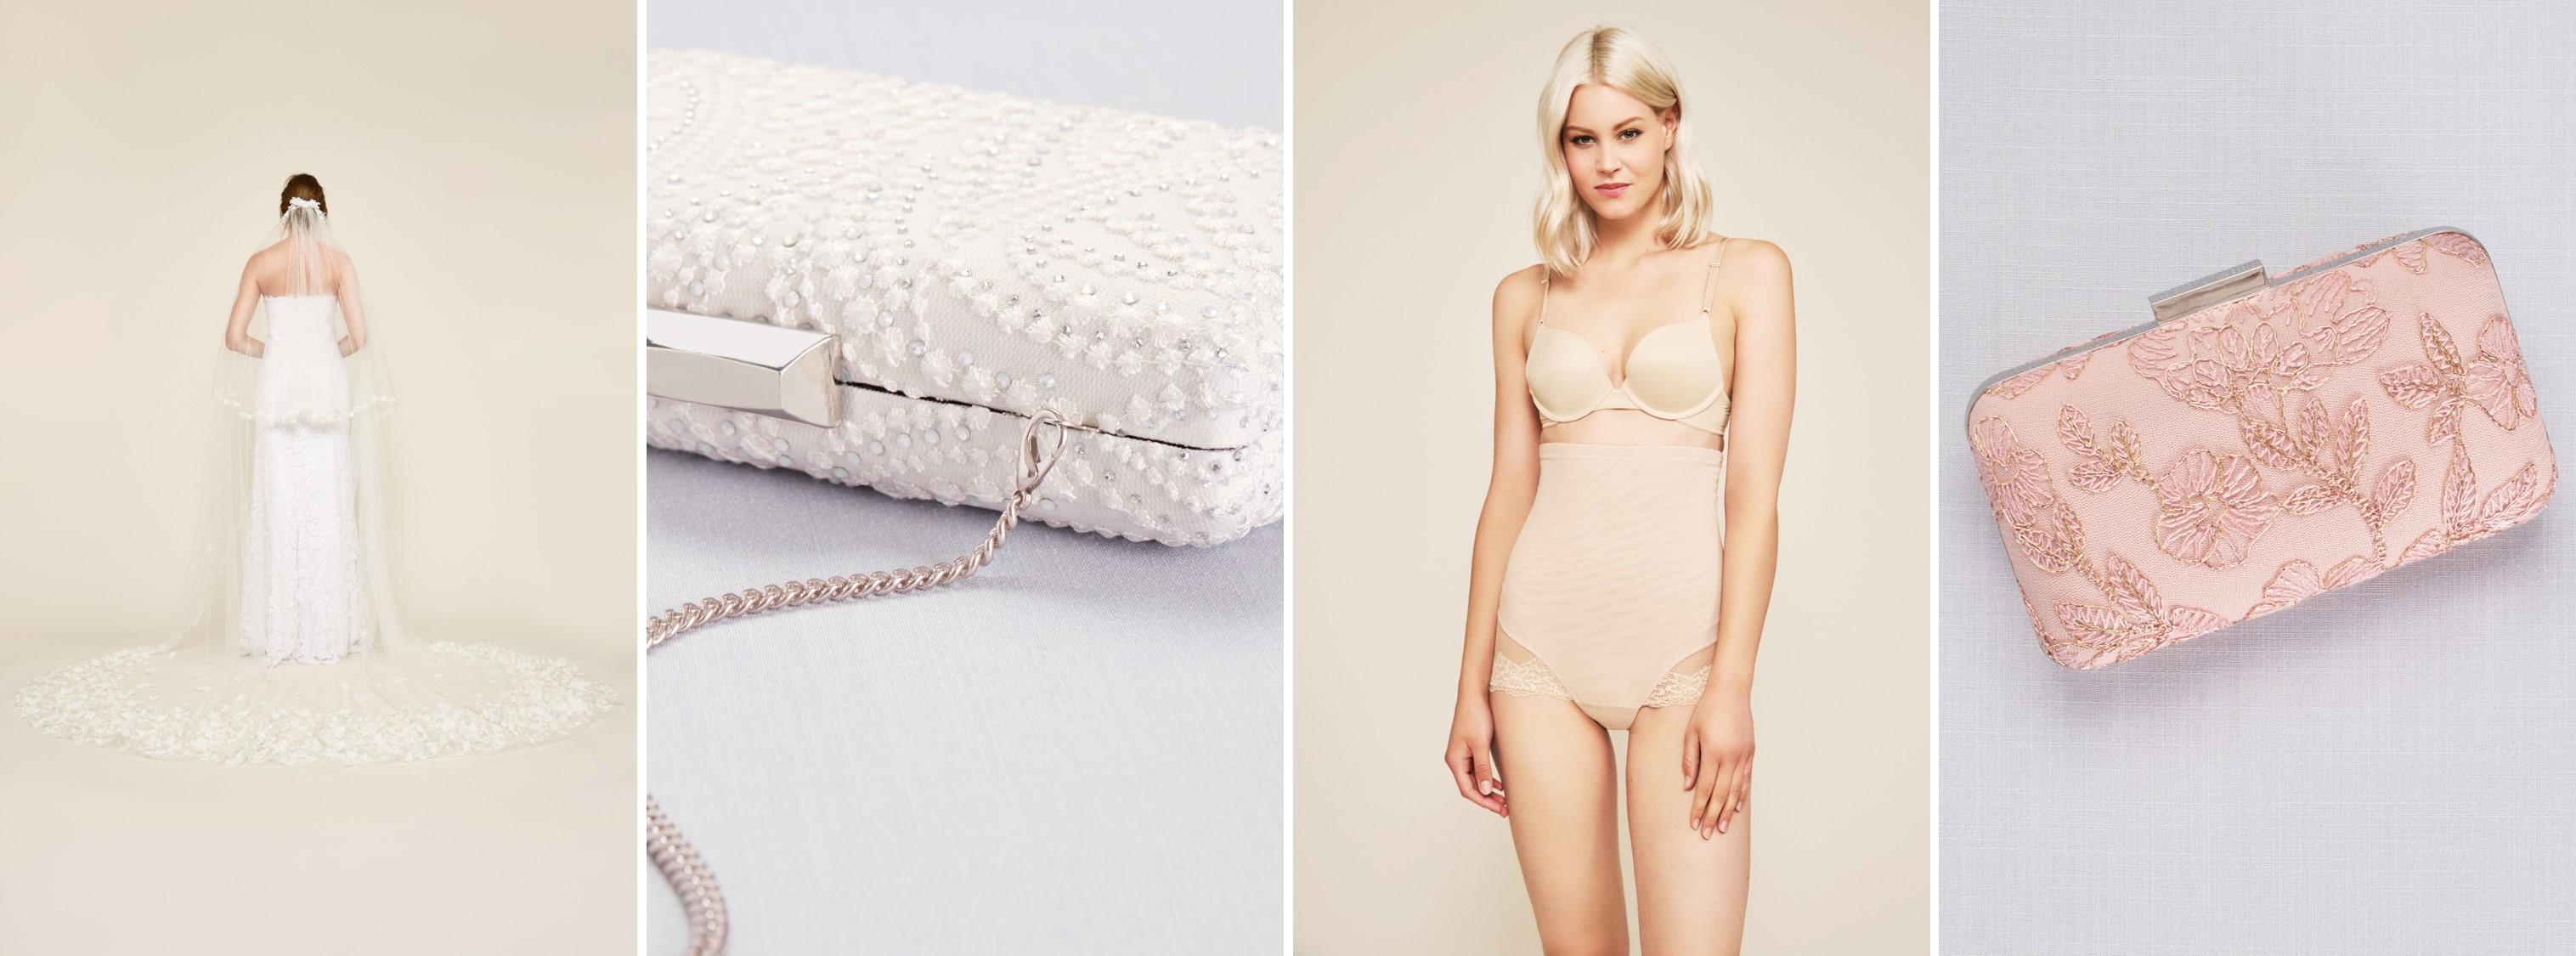 Veil, handbags, and shapewear by Tadashi Shoji available at David's Bridal